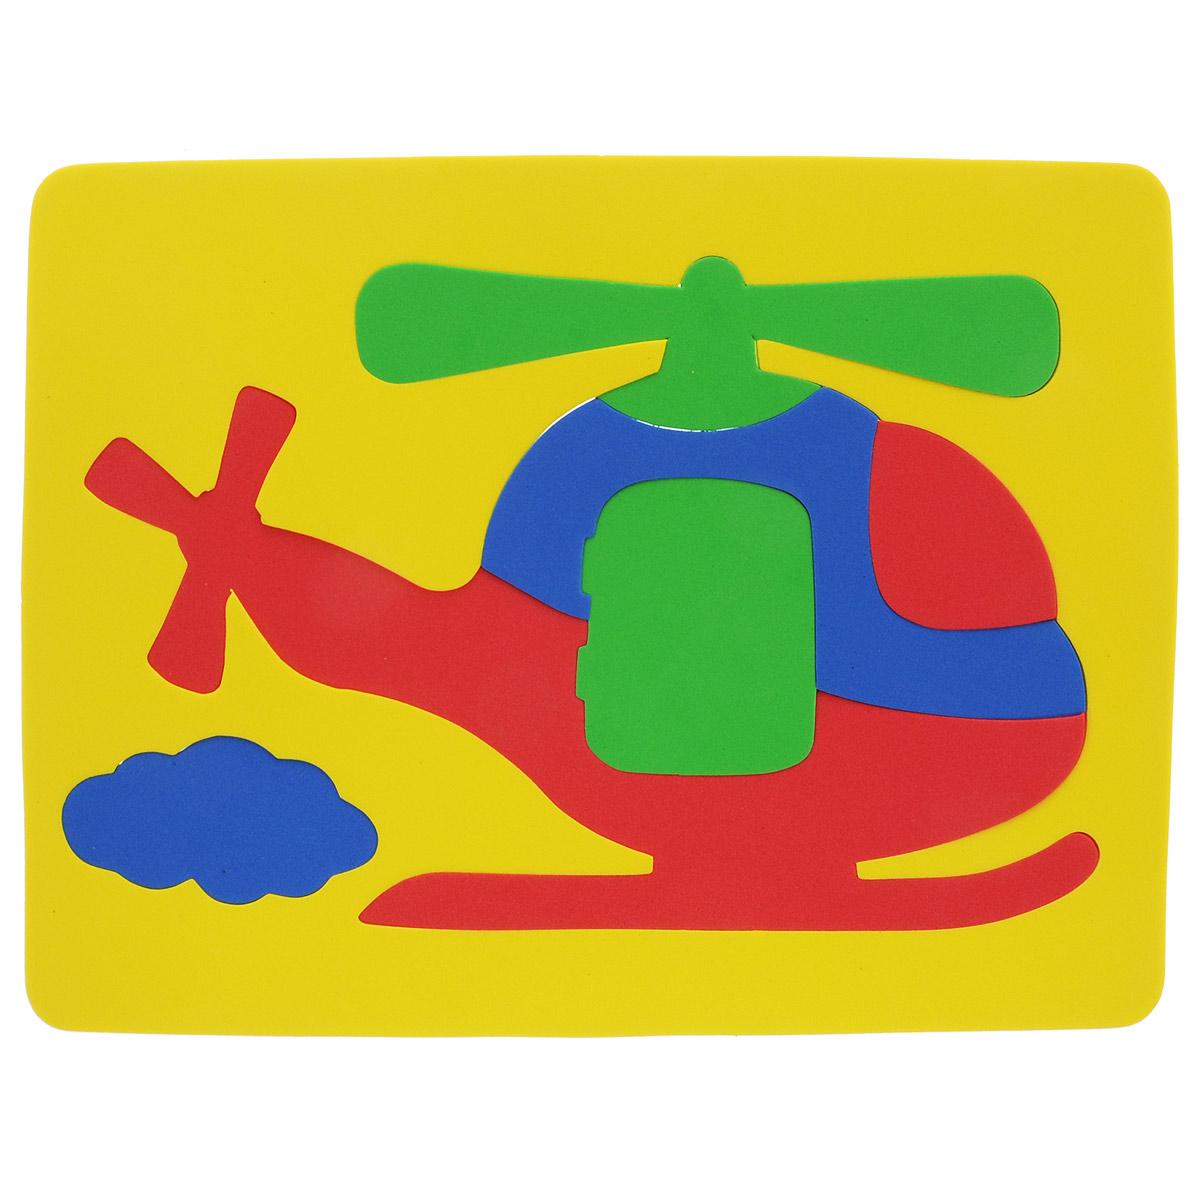 Фантазер Пазл для малышей Вертолет цвет основы желтый063551ВПазл для малышей Фантазер Вертолет обязательно понравится вашему малышу! Элементы пазла выполнены из мягкого, приятного на ощупь и абсолютно безопасного материала, имеют закругленные края. Набор включает в себя 7 разноцветных элементов. Игрушка может использоваться и в ванной - при смачивании водой элементы прилипают к гладким вертикальным поверхностям. Пазл для малышей Фантазер Вертолет поможет малышу развить цветовое восприятие, мелкую моторику рук, тактильные ощущения и координацию движений. При игре с пазлом улучшается визуально-сенсорное развитие и творческое мышление.